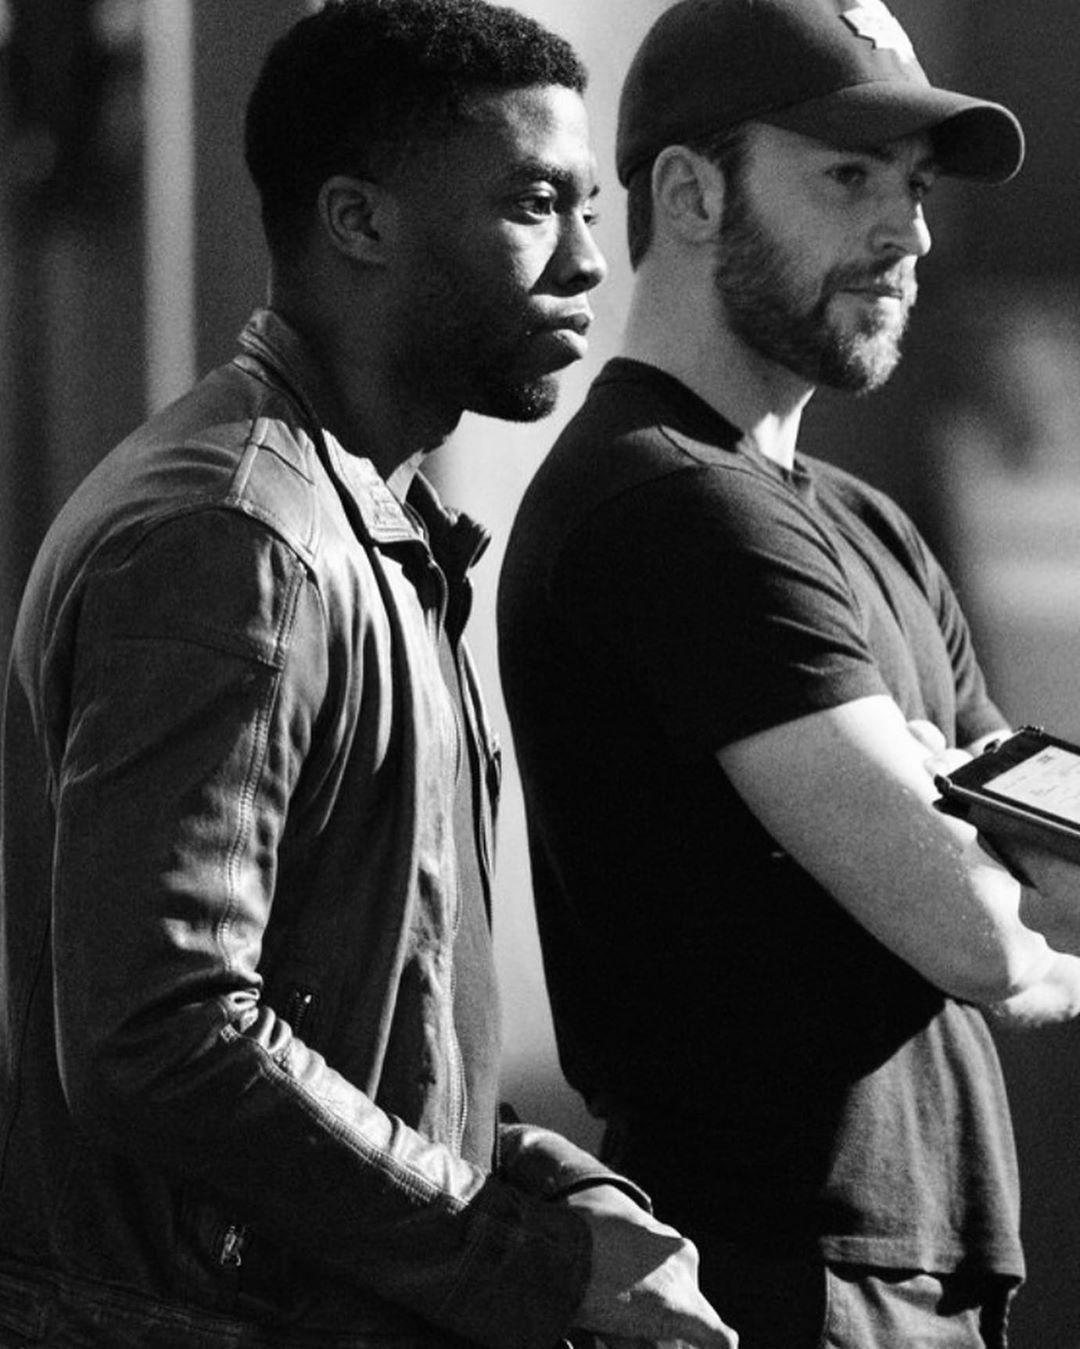 Conmovedores mensajes del elenco de 'Avengers' por fallecimiento de Chadwick